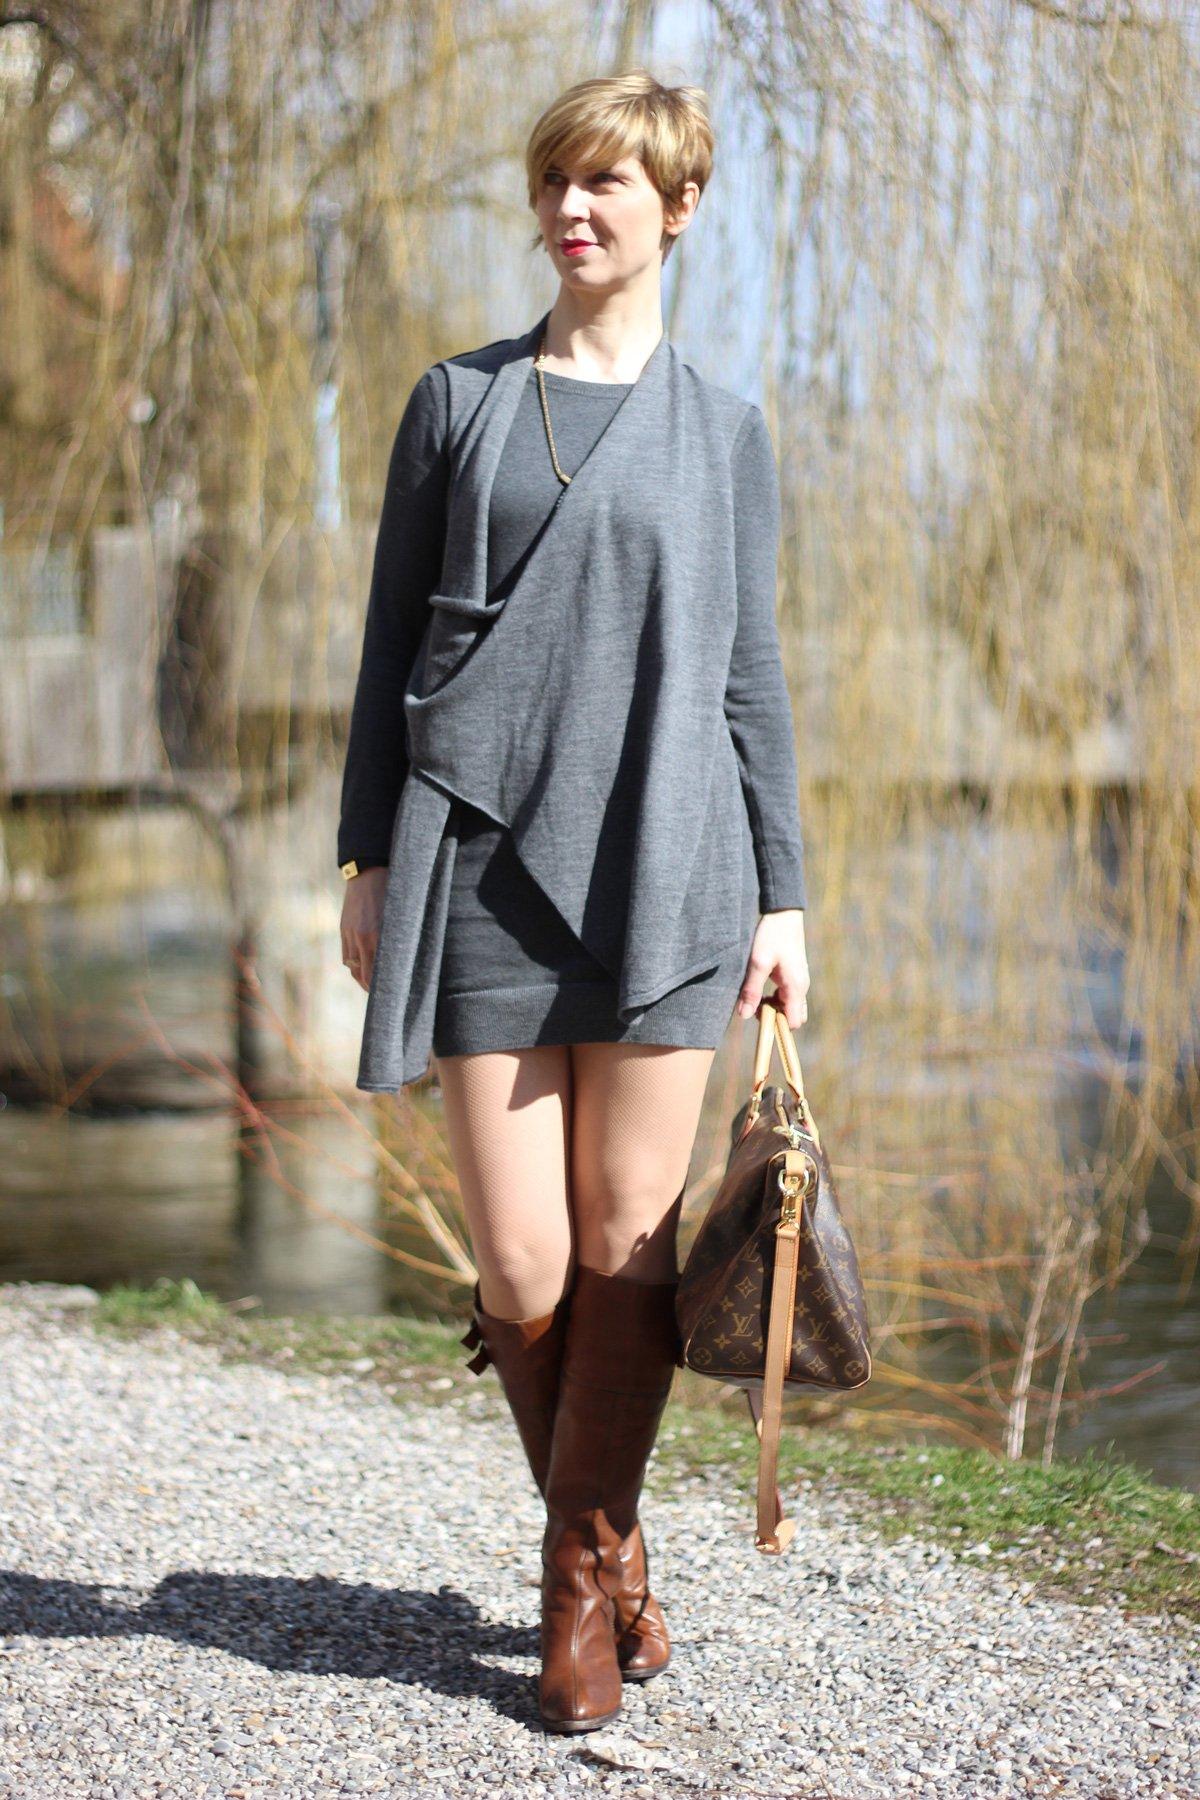 Frye Boots, Allstains Kleid, Frühling